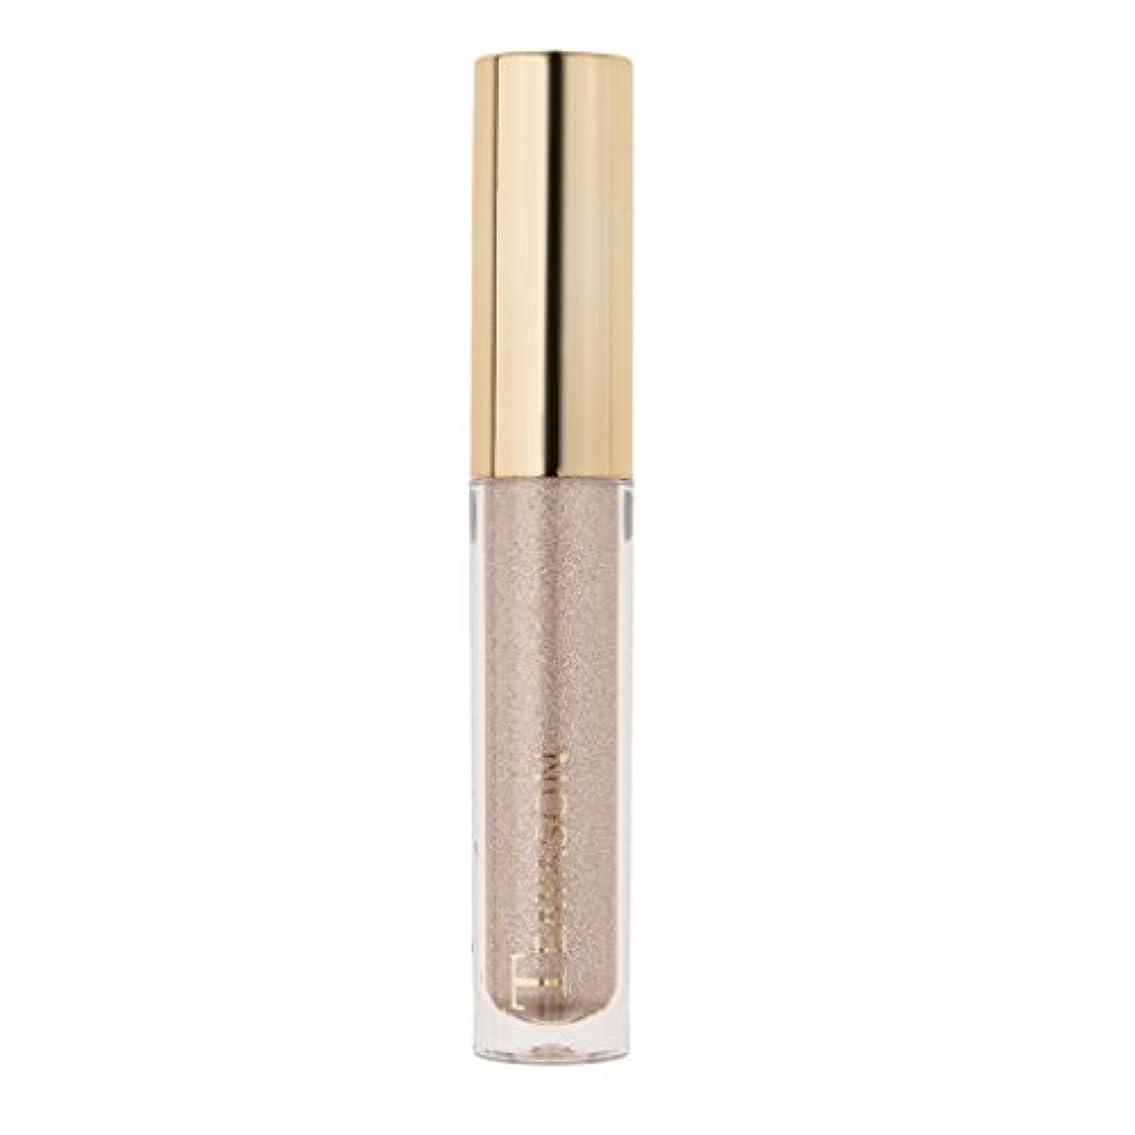 みがきます収束する比べる8色液体アイシャドーキラキラシマー化粧品顔料長期持続性 - 4#